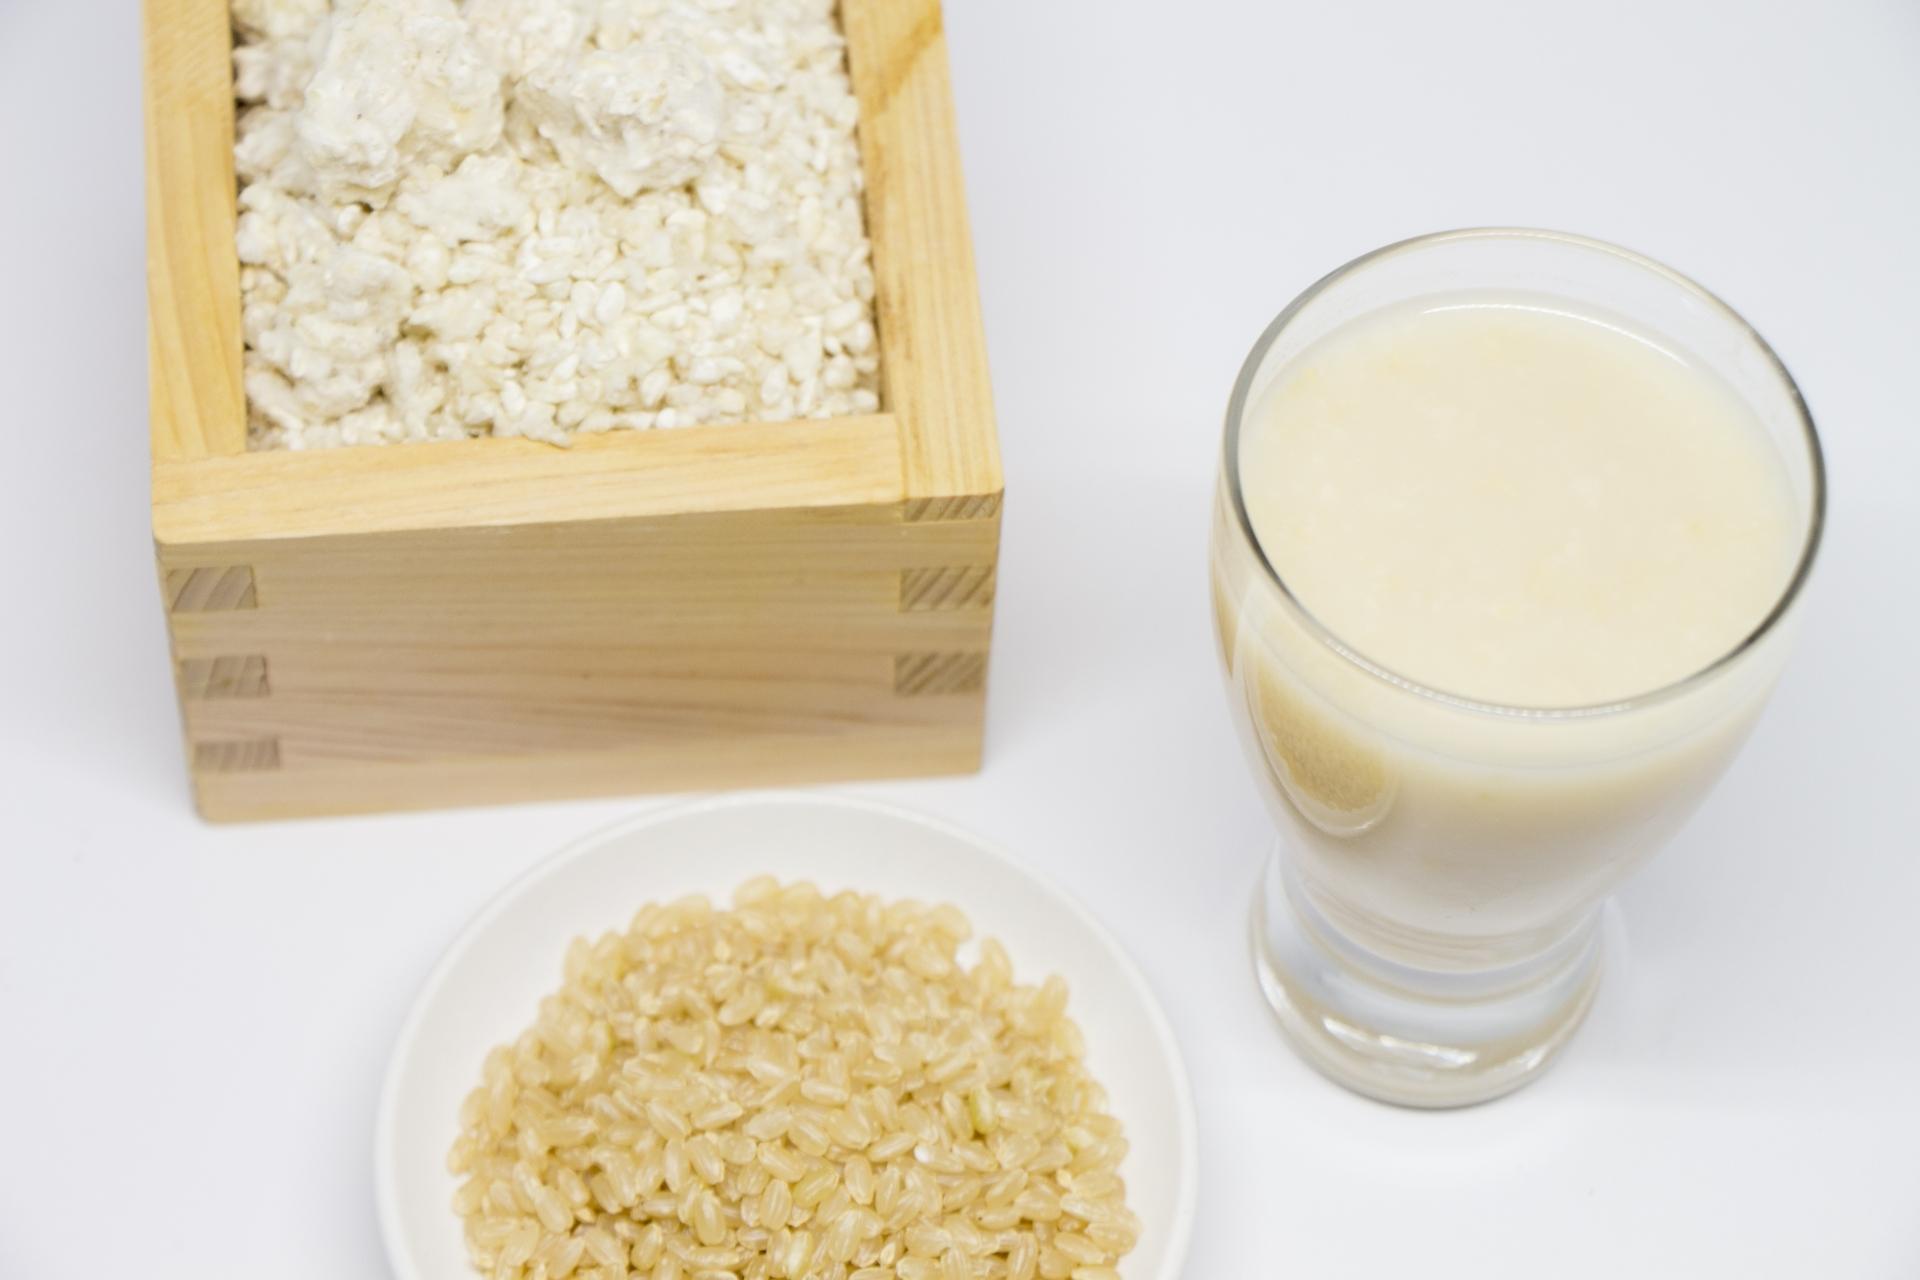 玄米を食べると胃もたれする人へ【違う形の玄米を取り入れる】